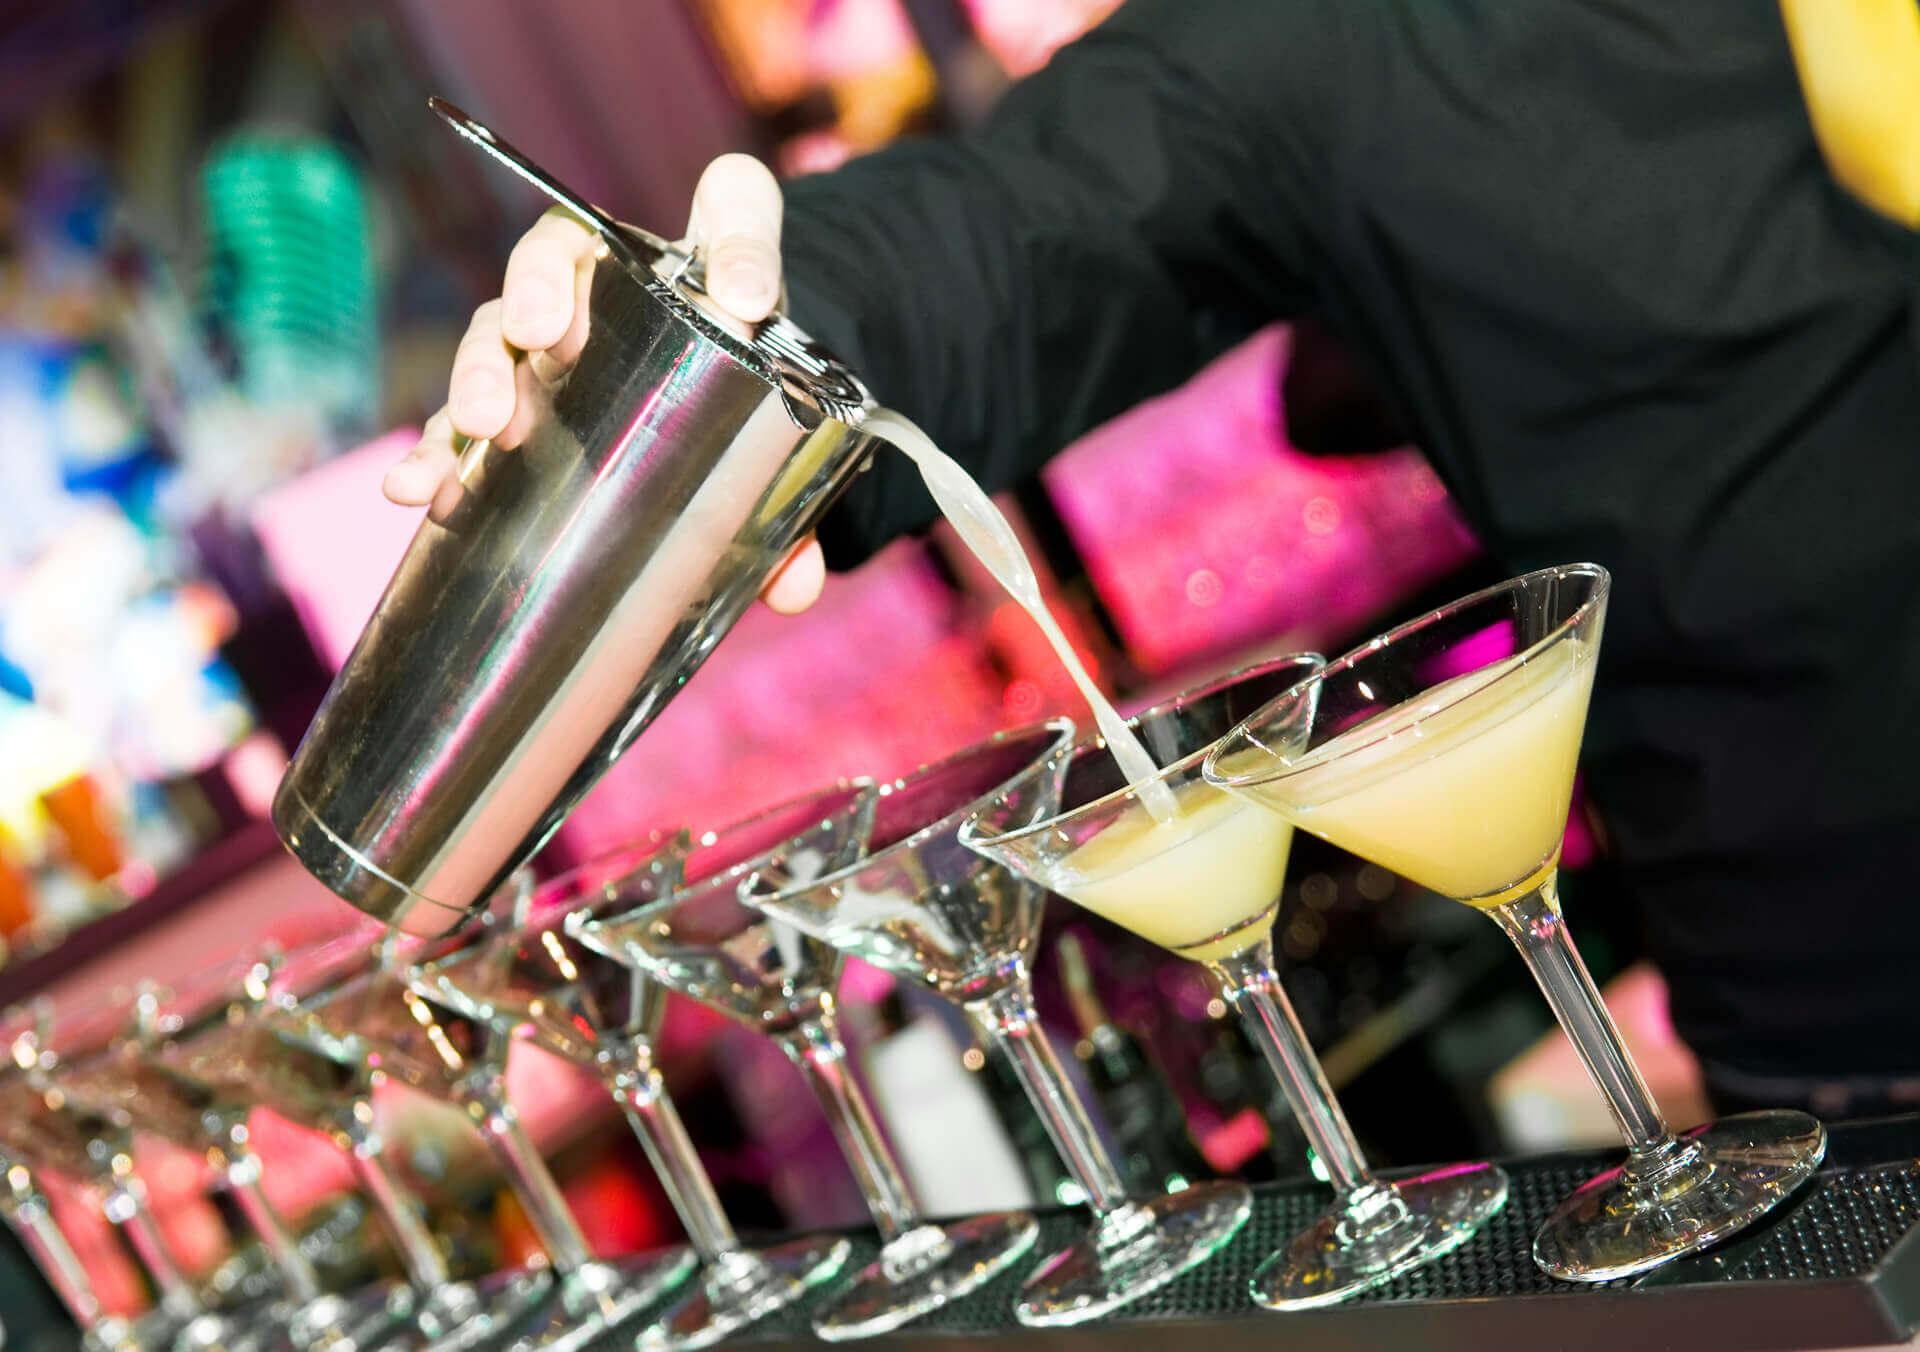 Kurs für Barkeeper